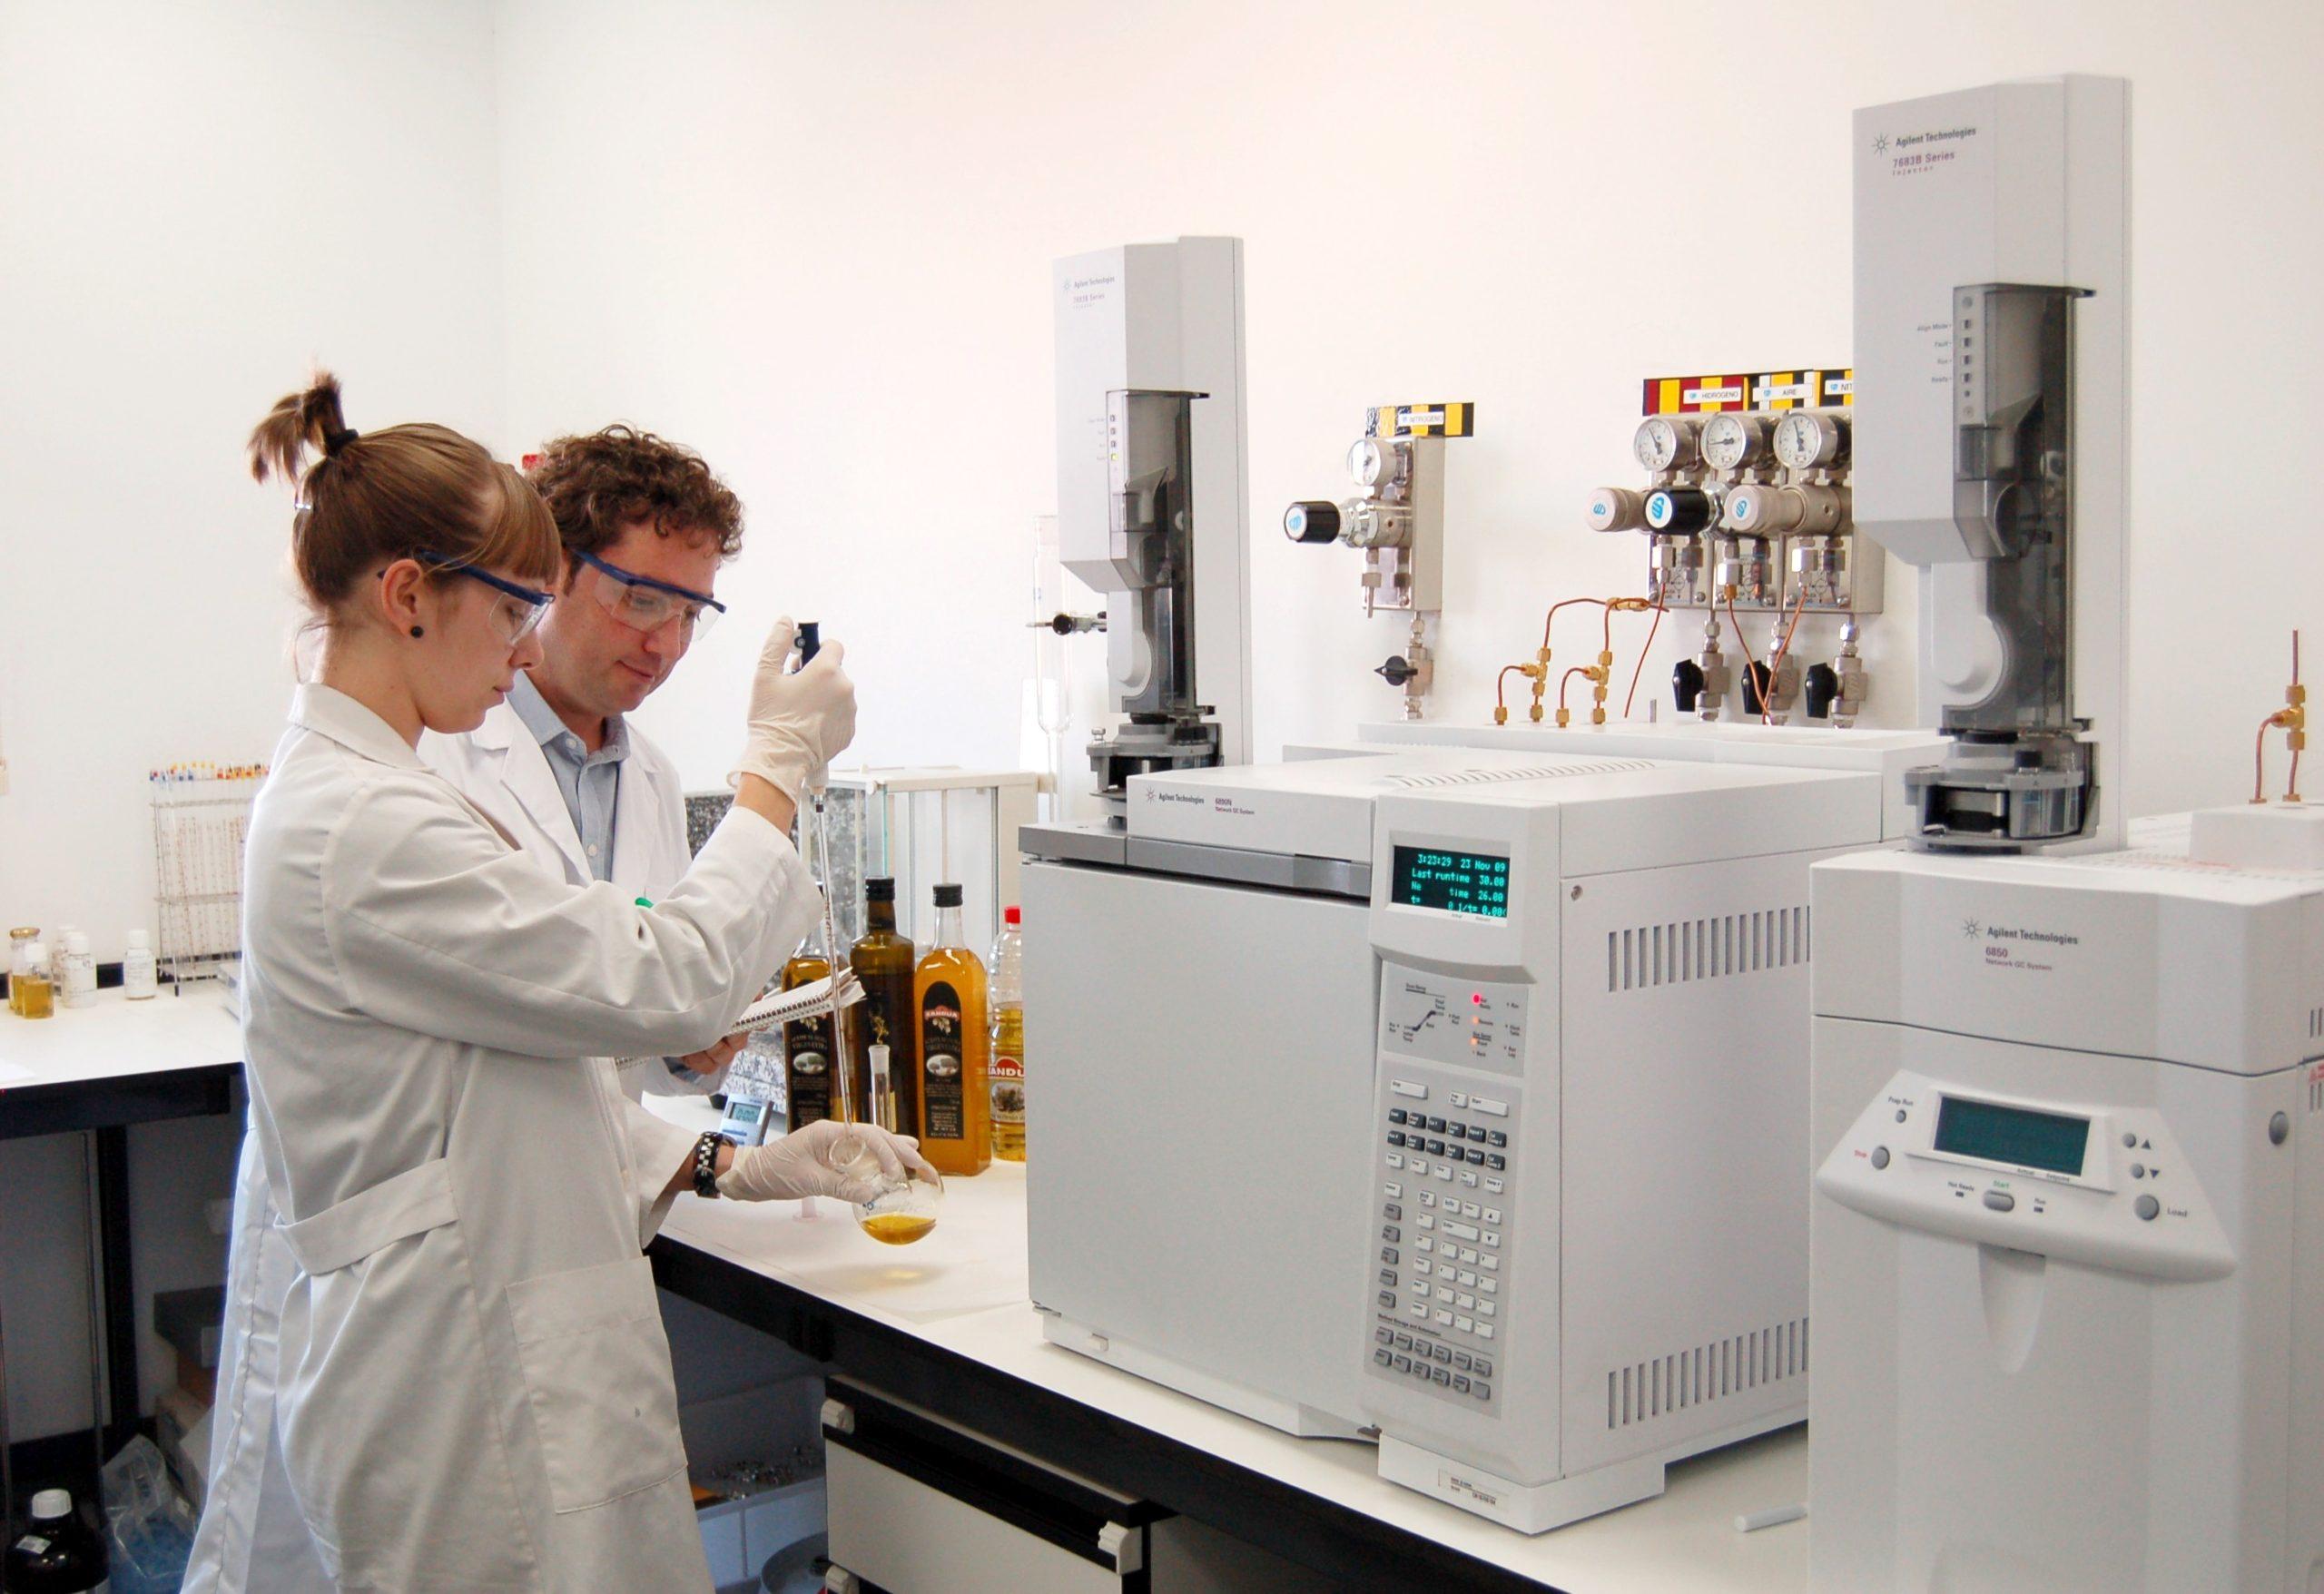 Sandua renouvelle les certificats de qualité internationaux IFS et BRC avec la meilleure qualification.